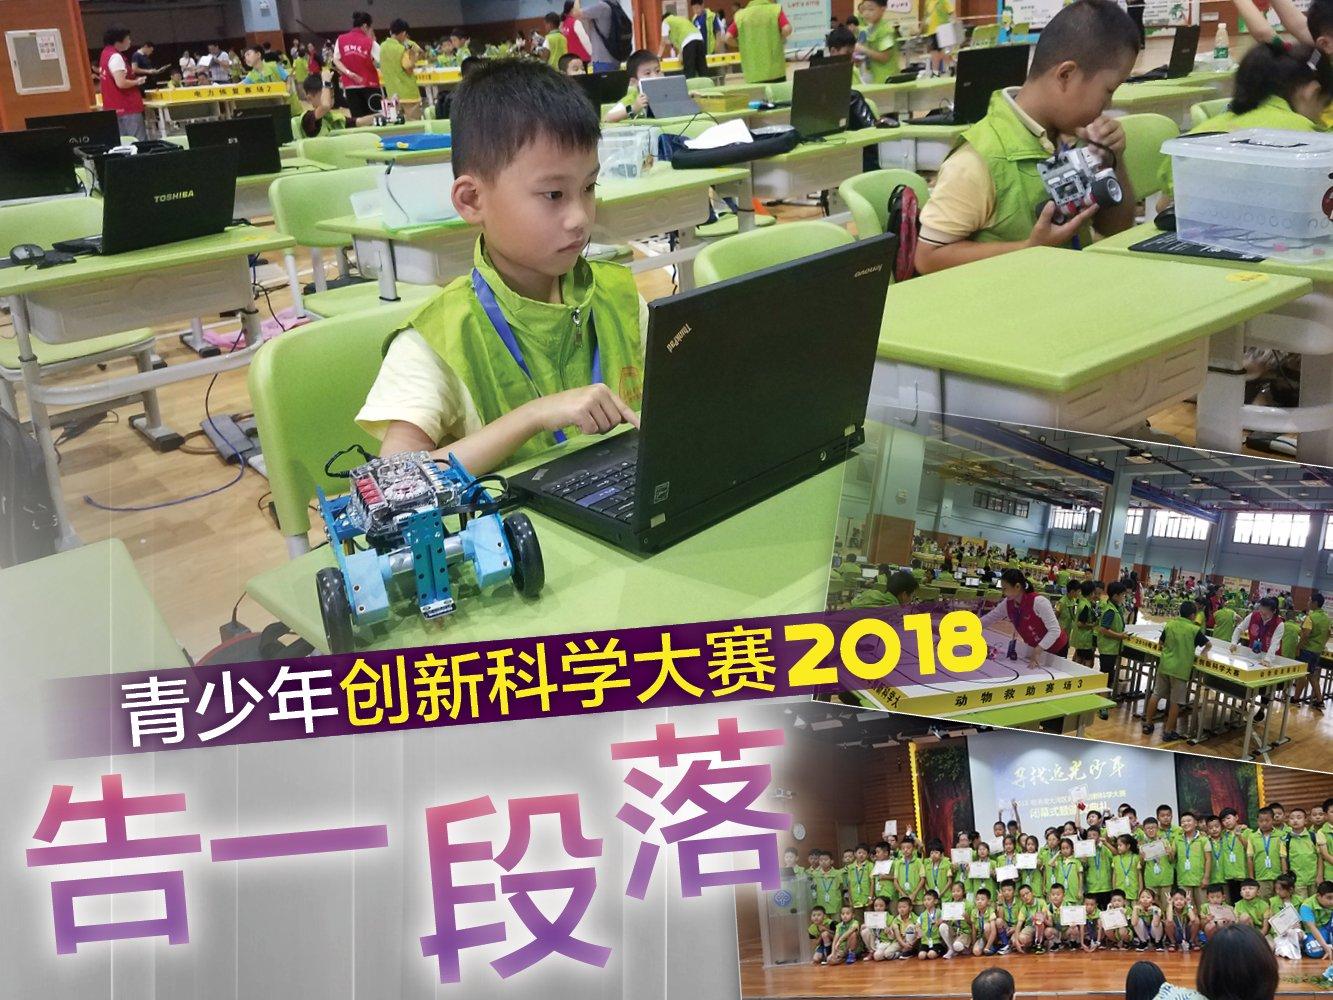 粤港澳大湾区 青少年创新科学大赛2018圆满结束